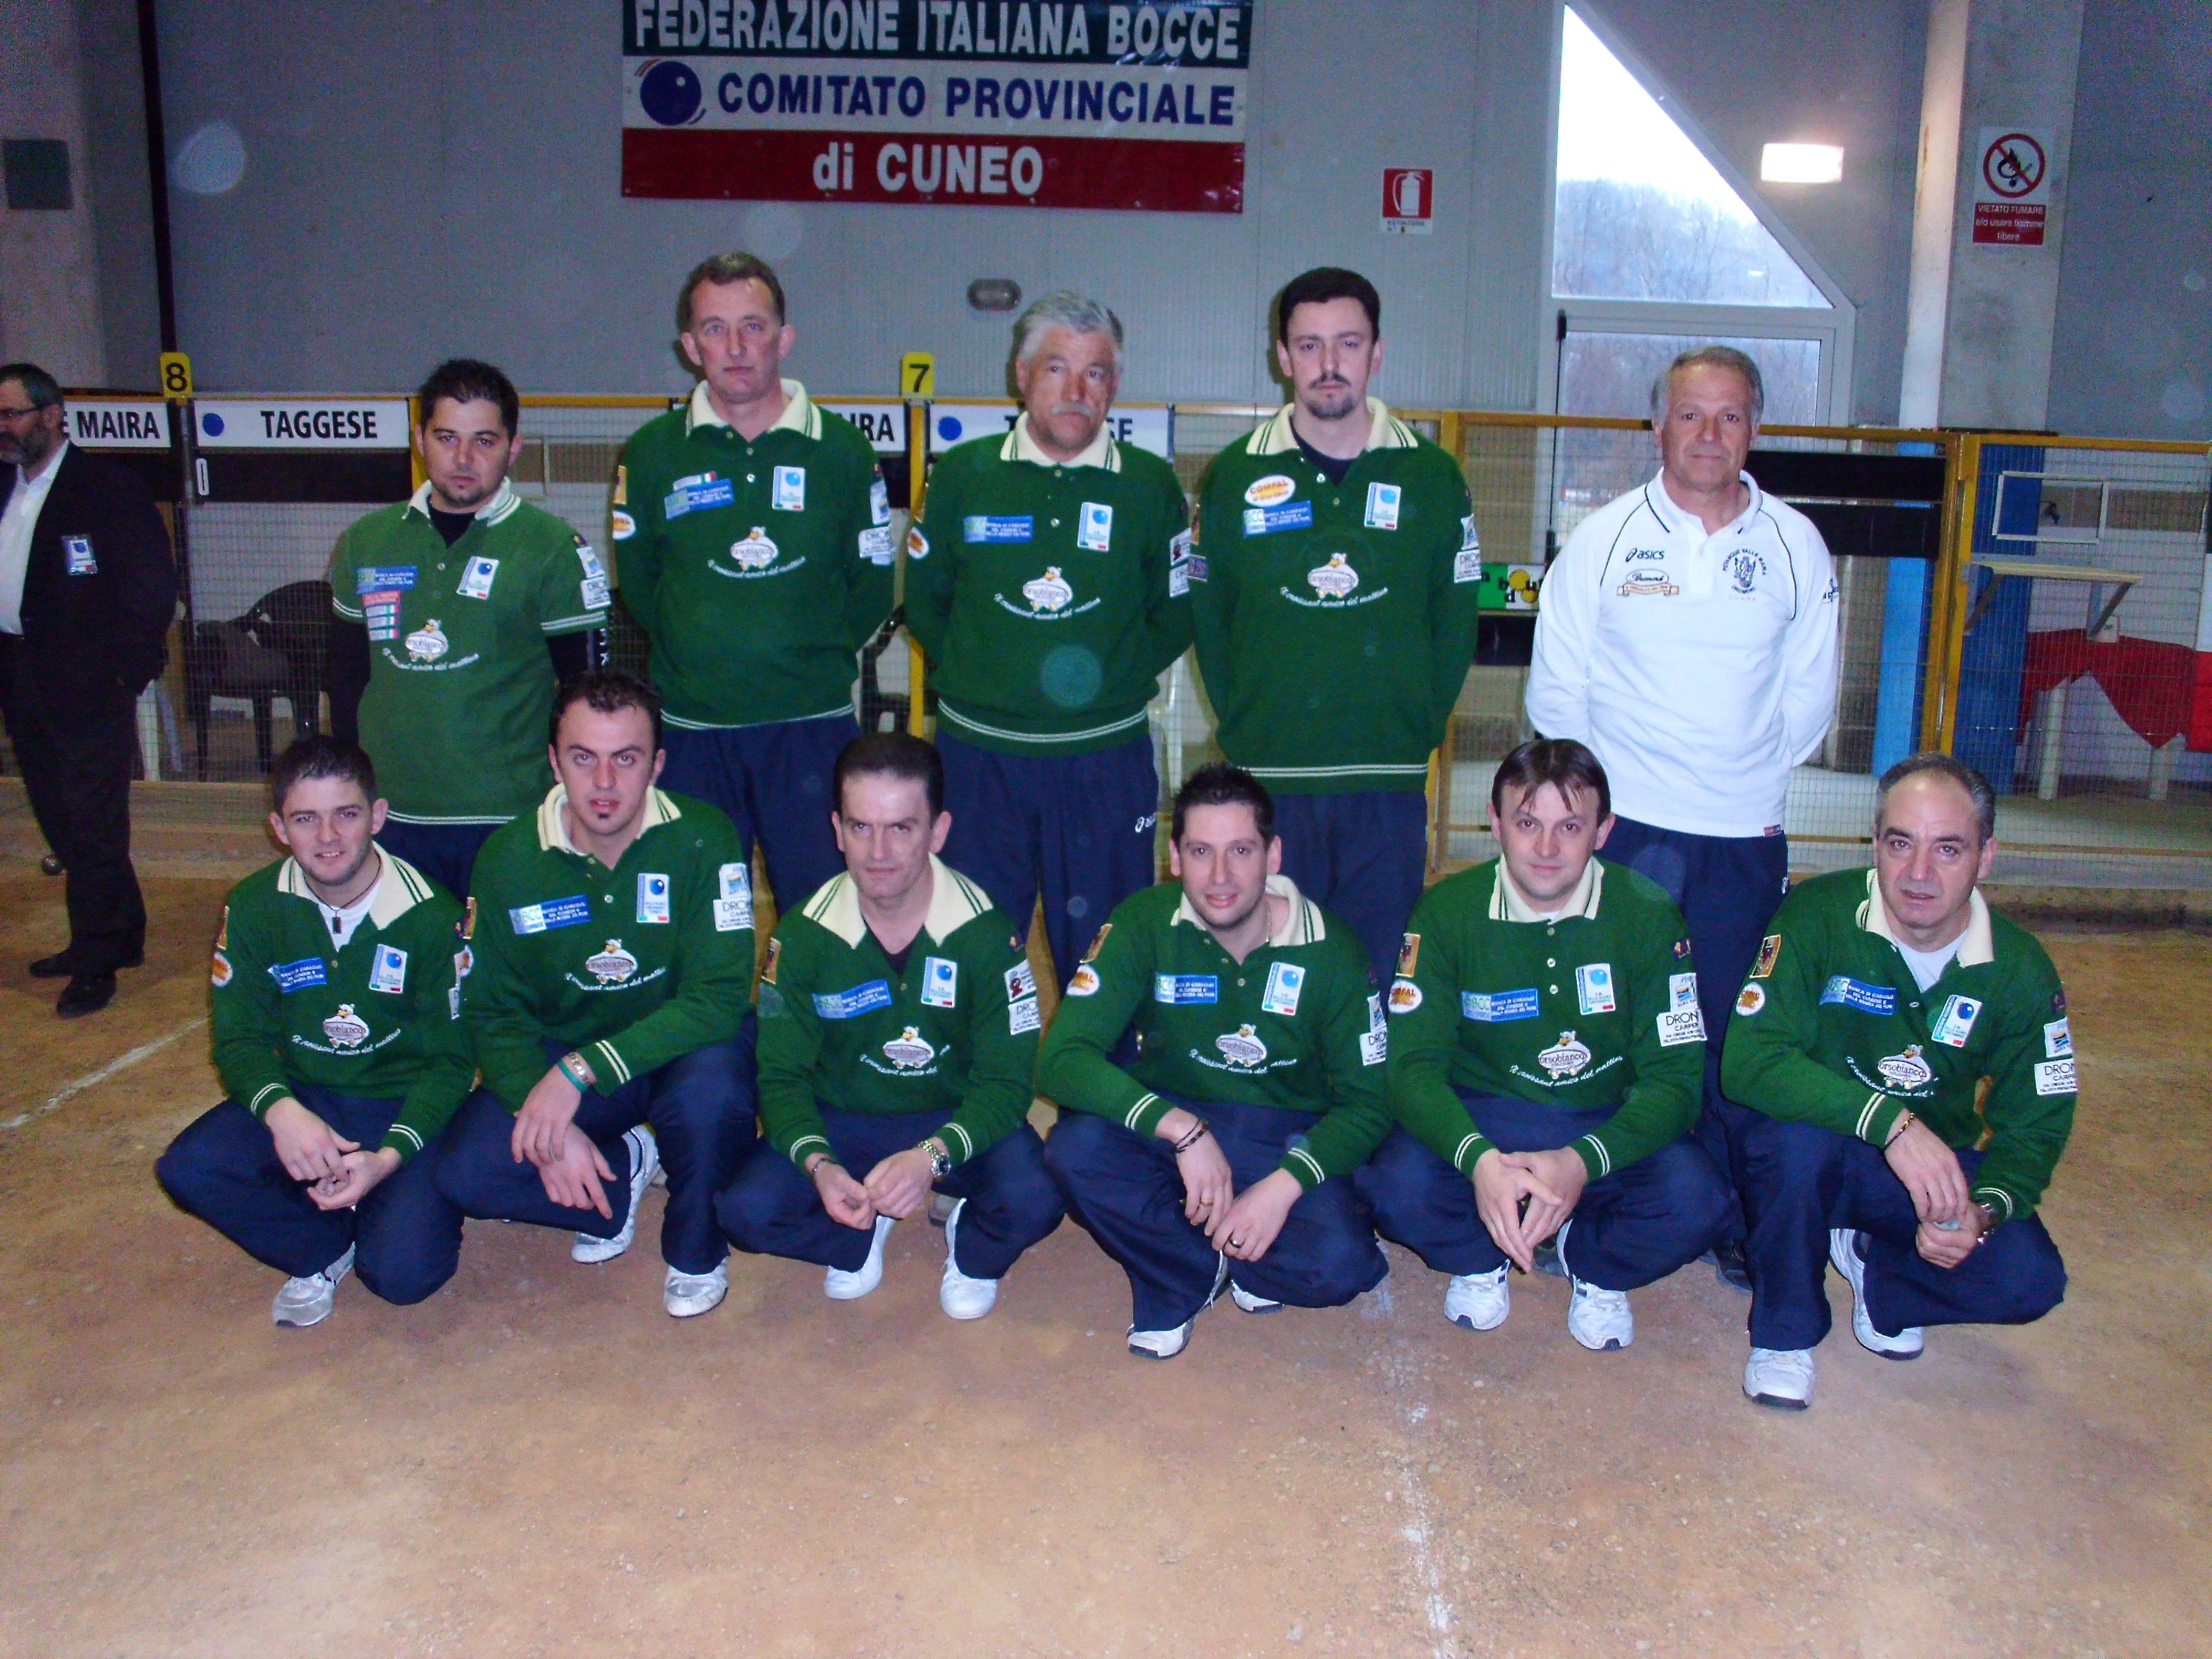 Campioni d' Italia 2011 (3)